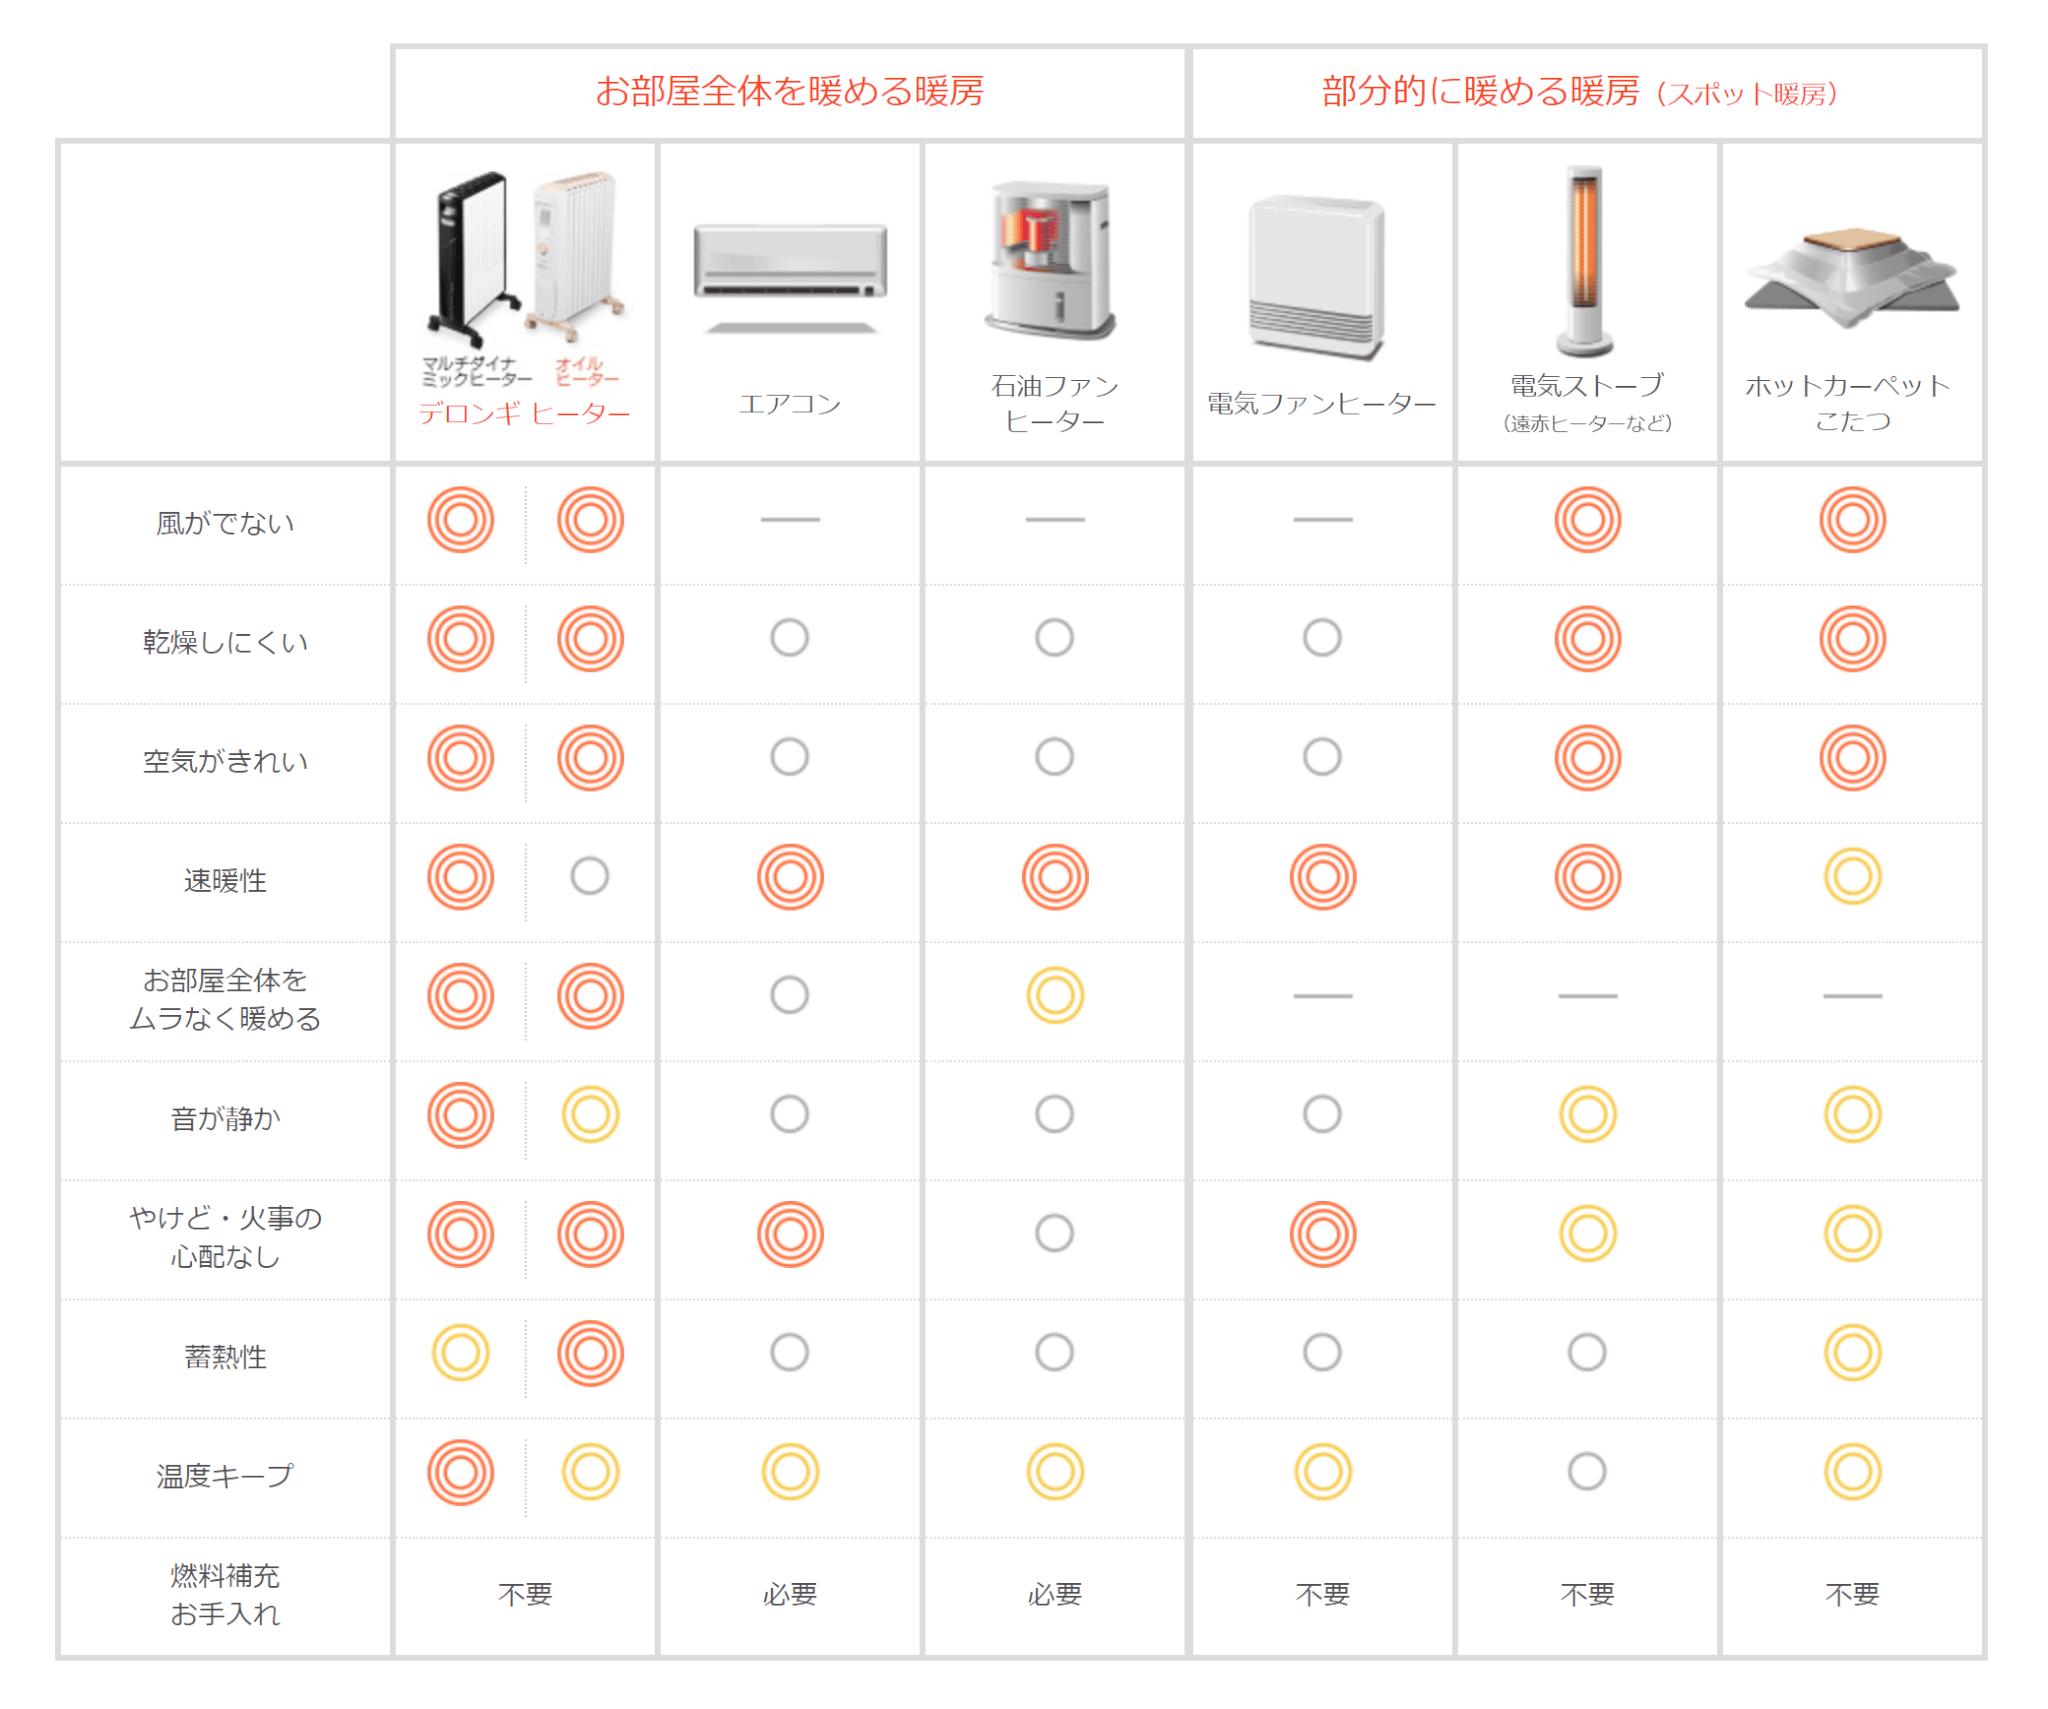 暖房器具 比較